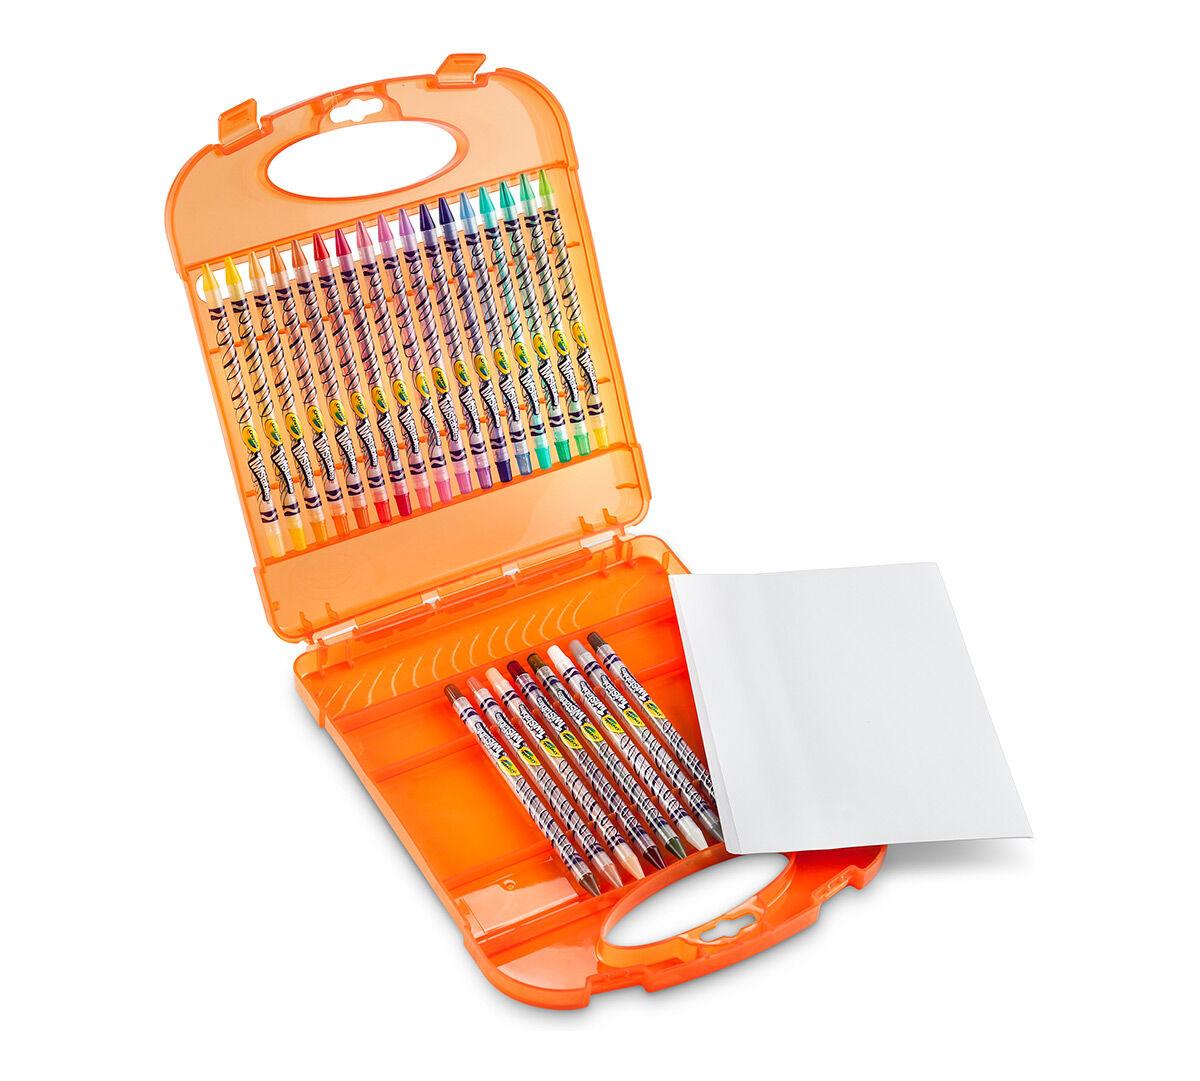 twistables colored pencil paper set - Crayola Colored Pencils Twistables